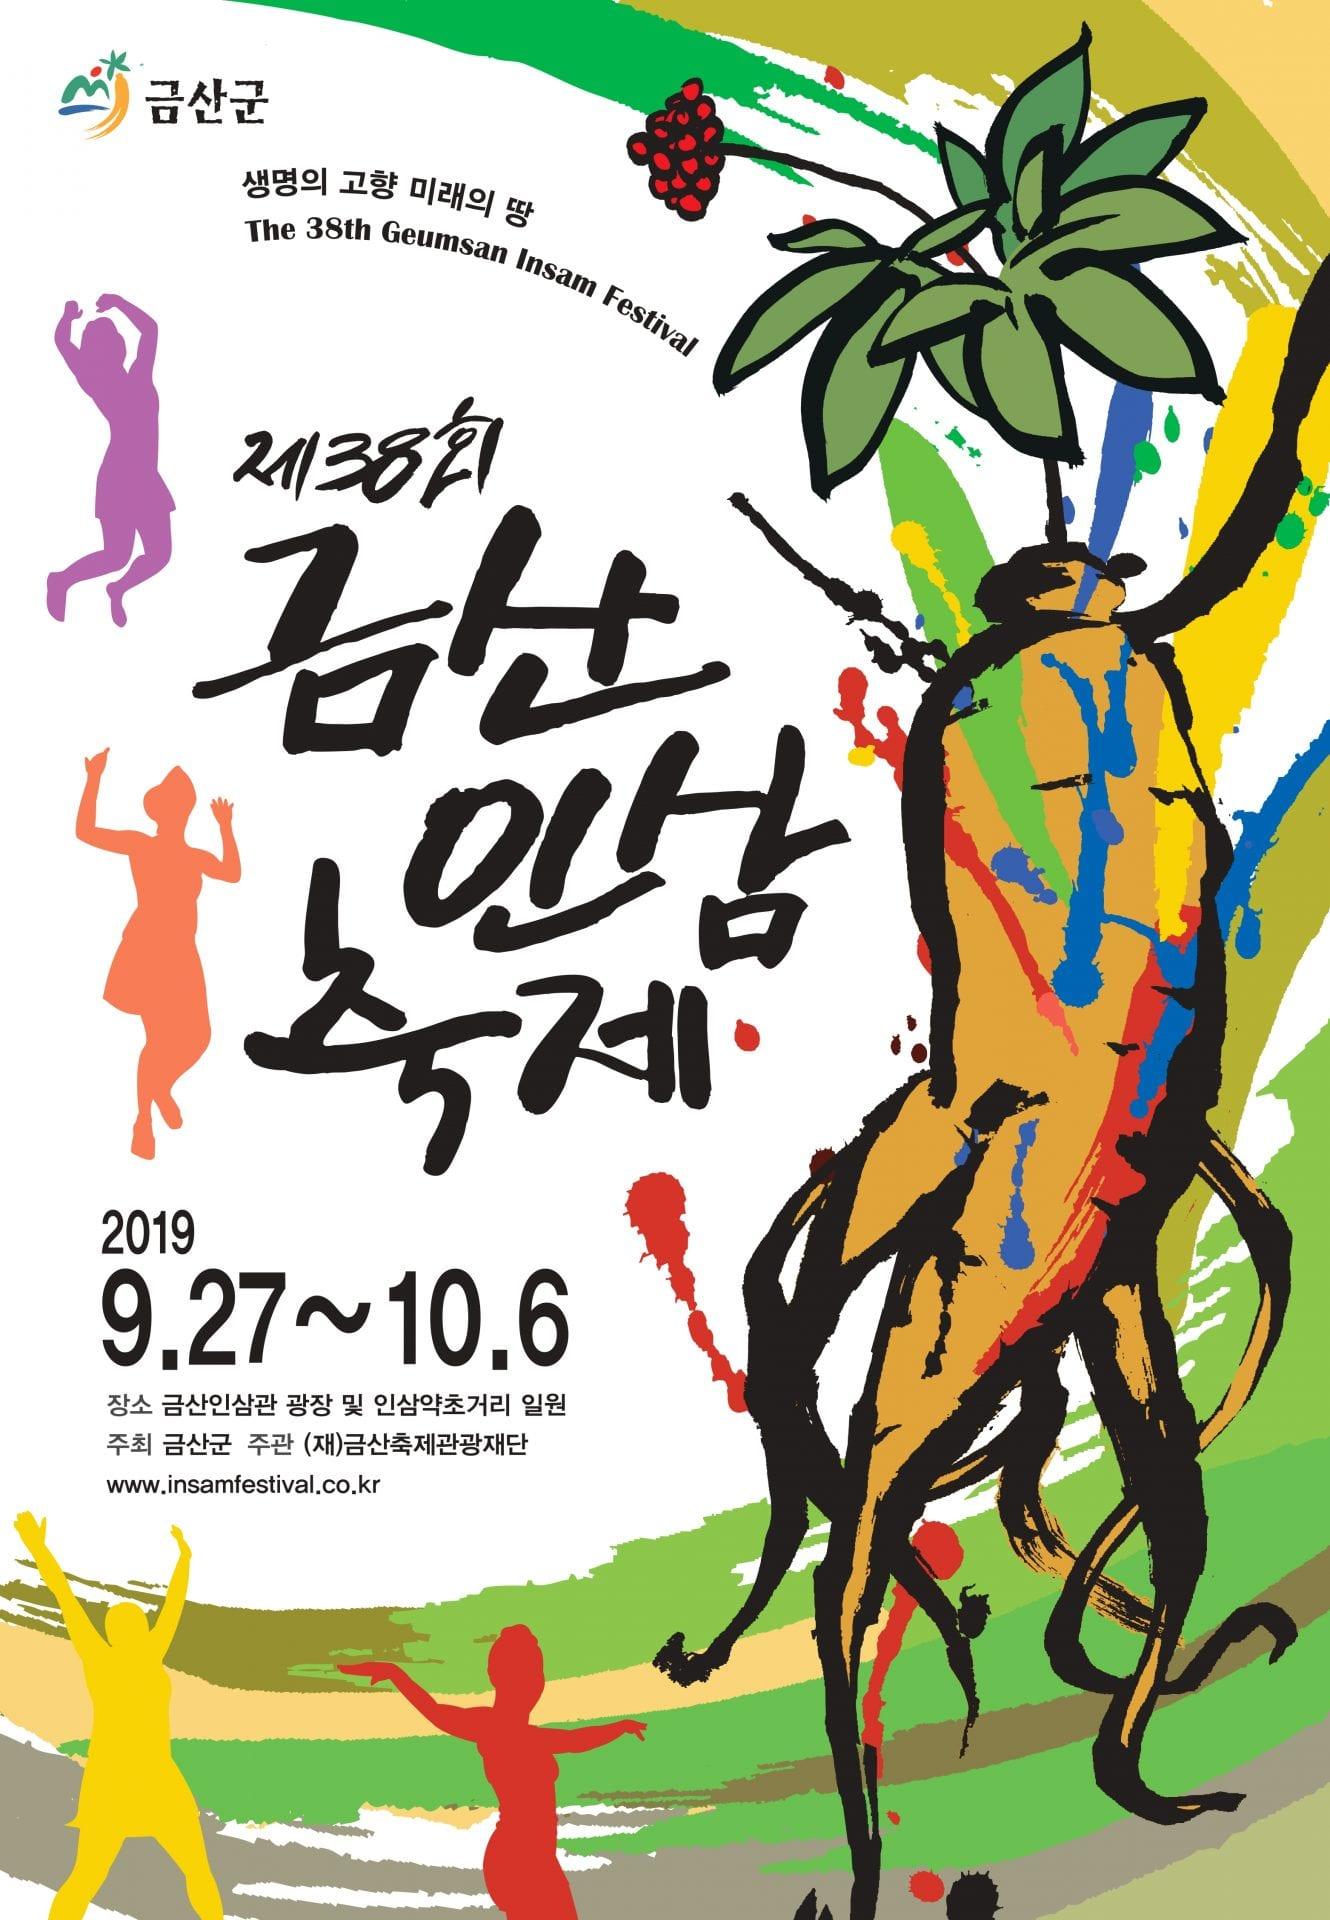 38th Geumsan Ginseng Festival | Geumsan-gun, Chungcheongnam